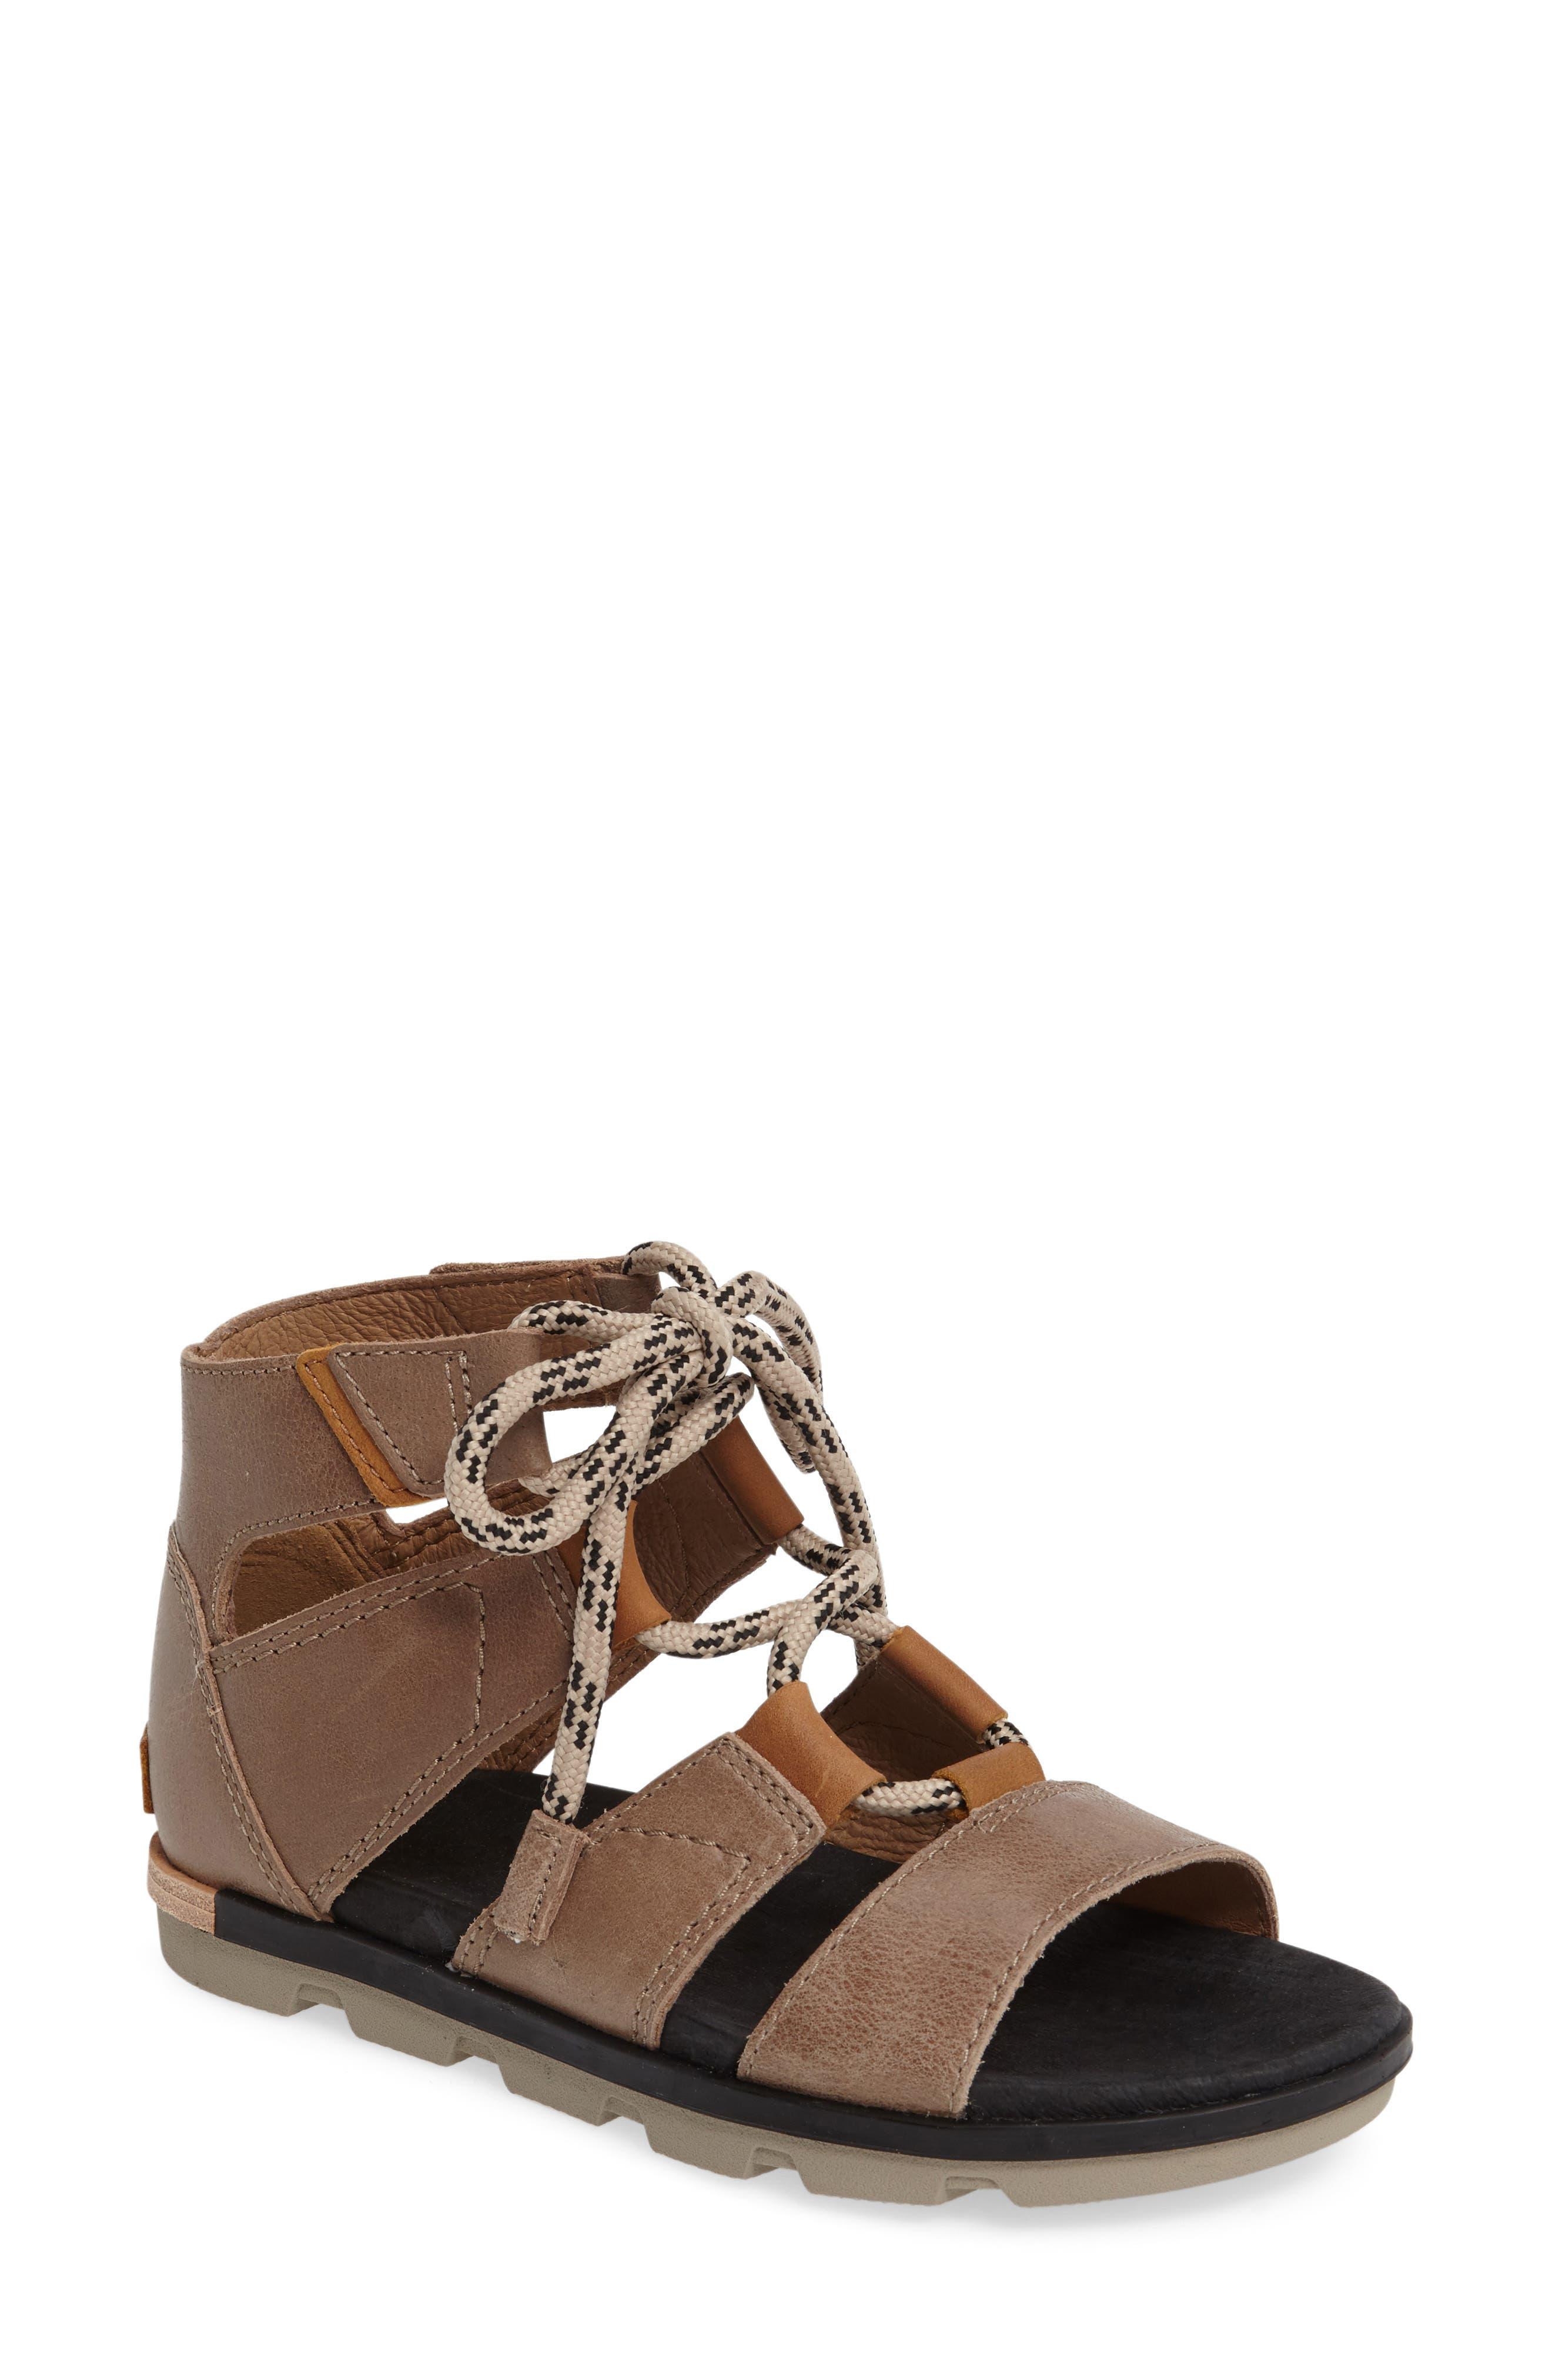 Sorel Torpeda Lace Up Sandal Women Nordstrom